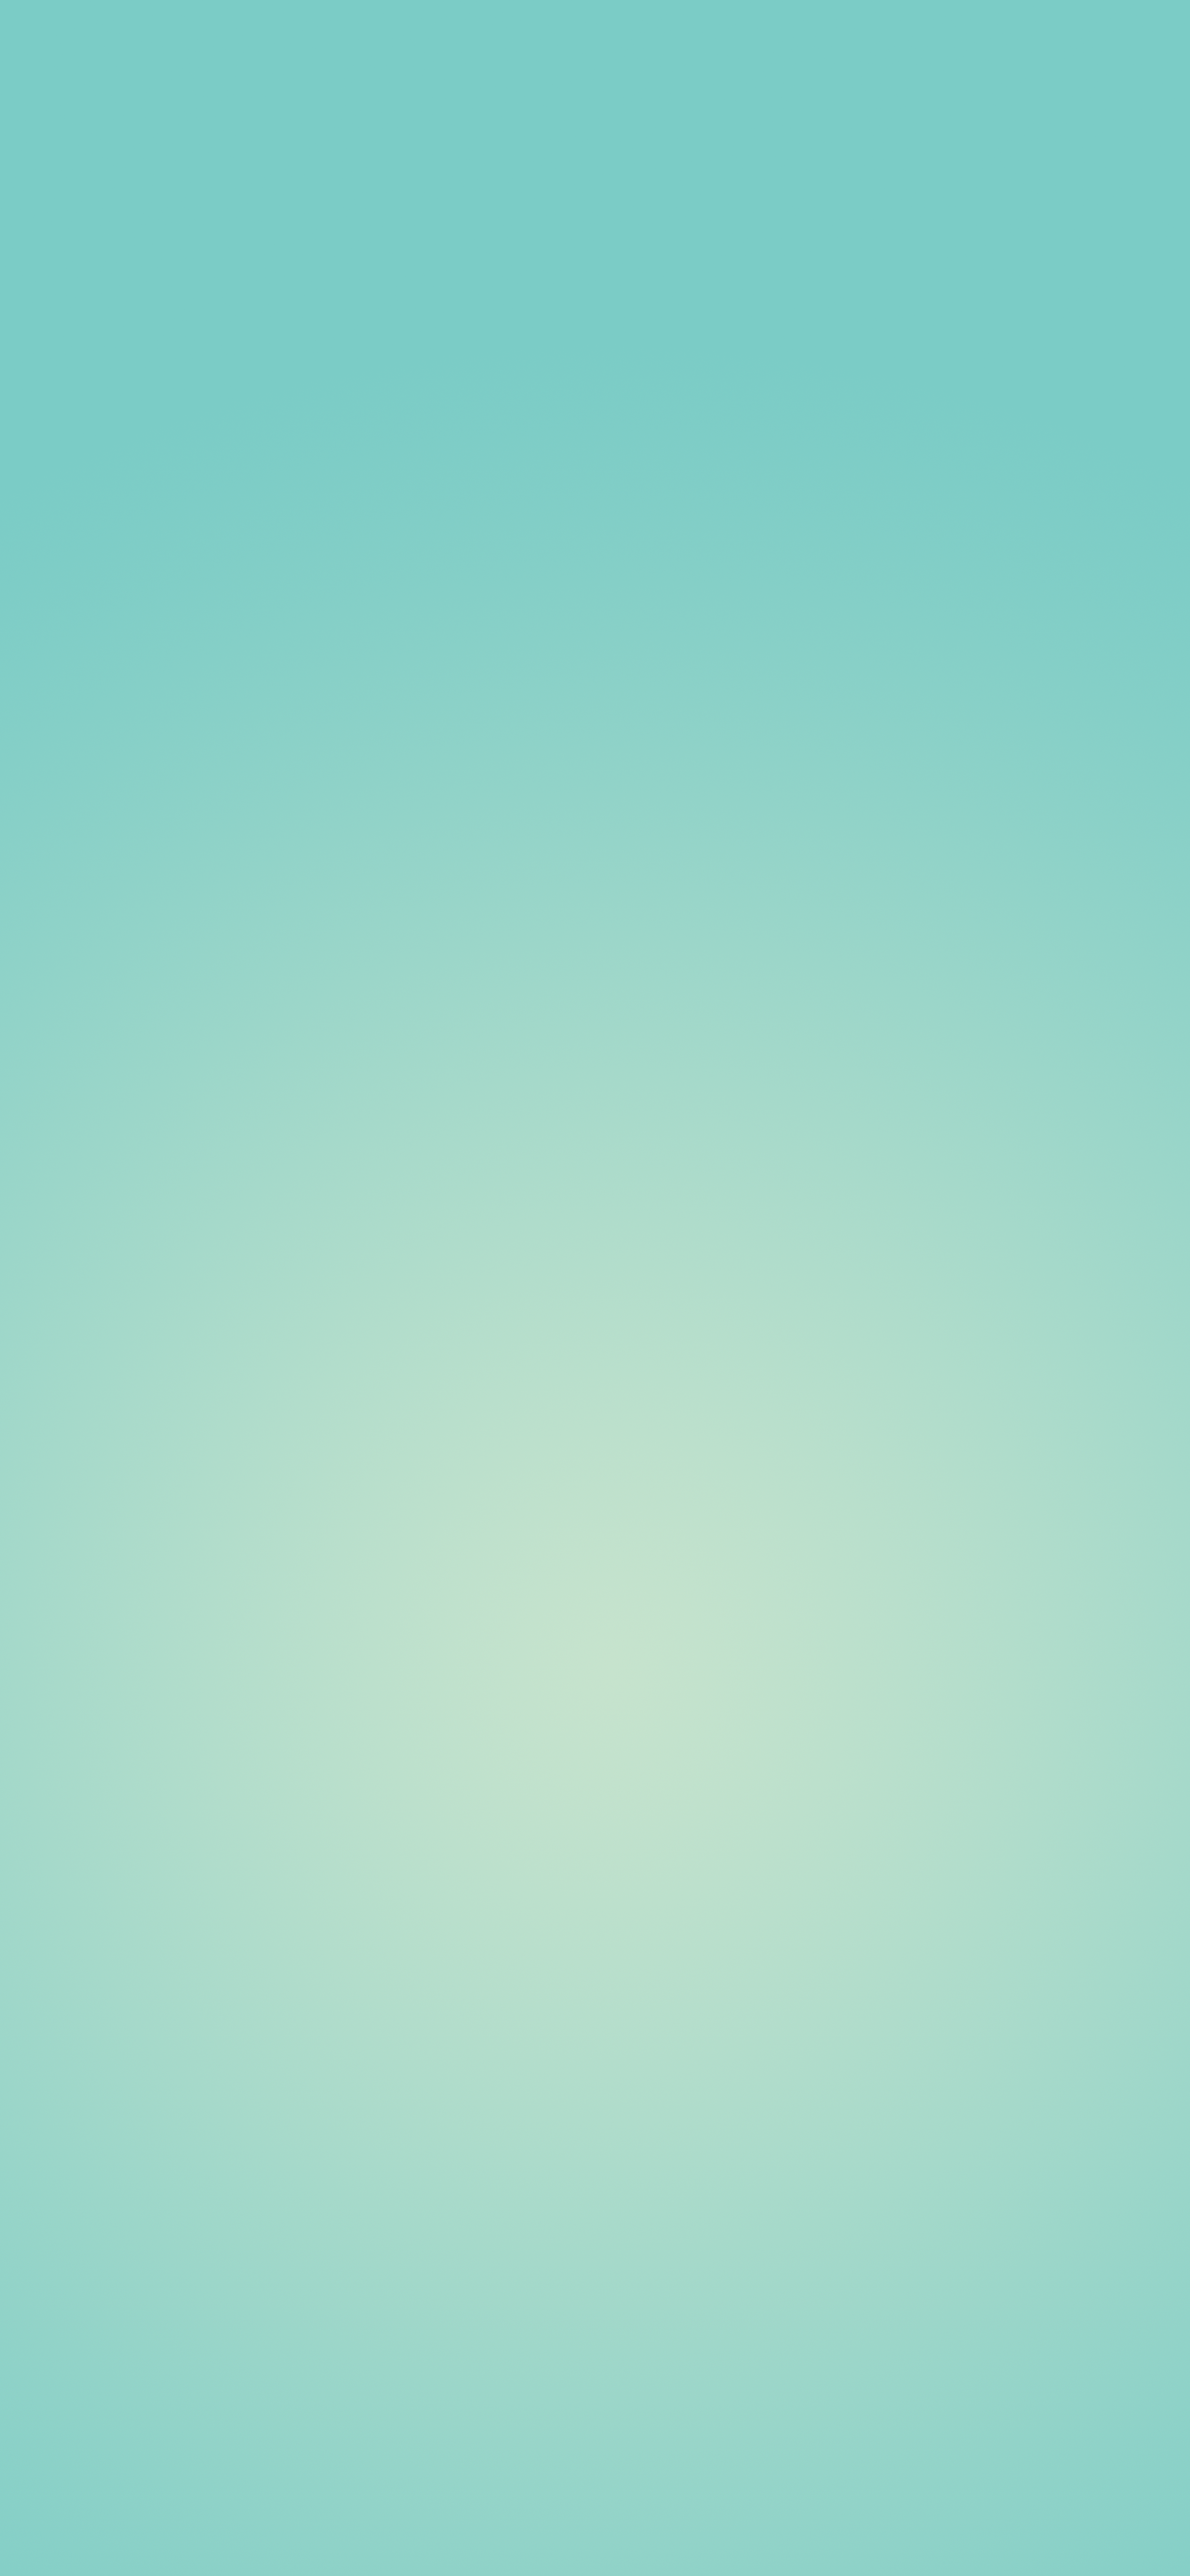 Gradient Iphone Wallpapers Top Free Gradient Iphone